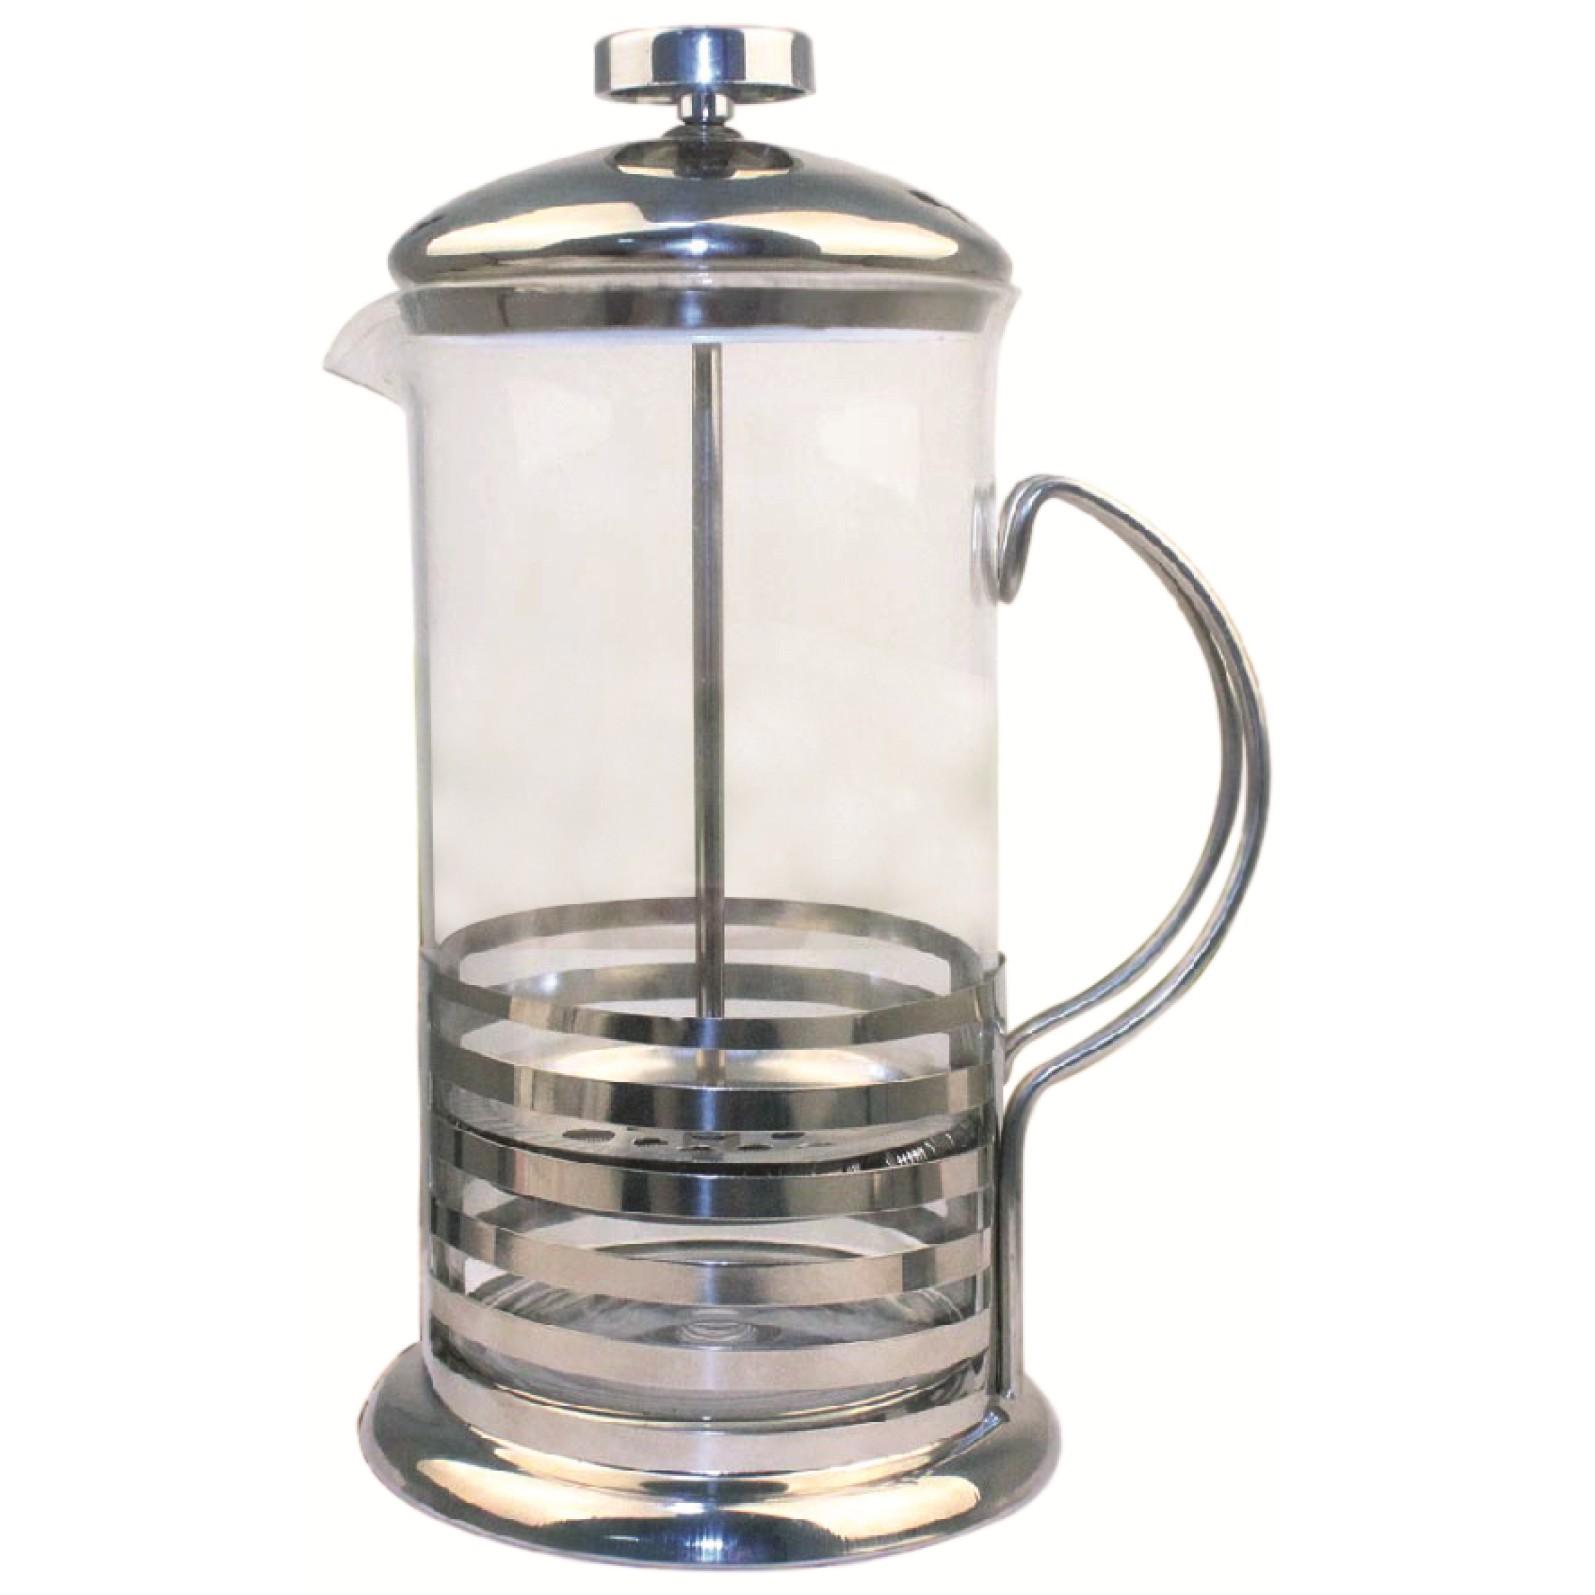 Cafeteira Francesa 0350L Aco Inox e Vidro - Rio de Ouro